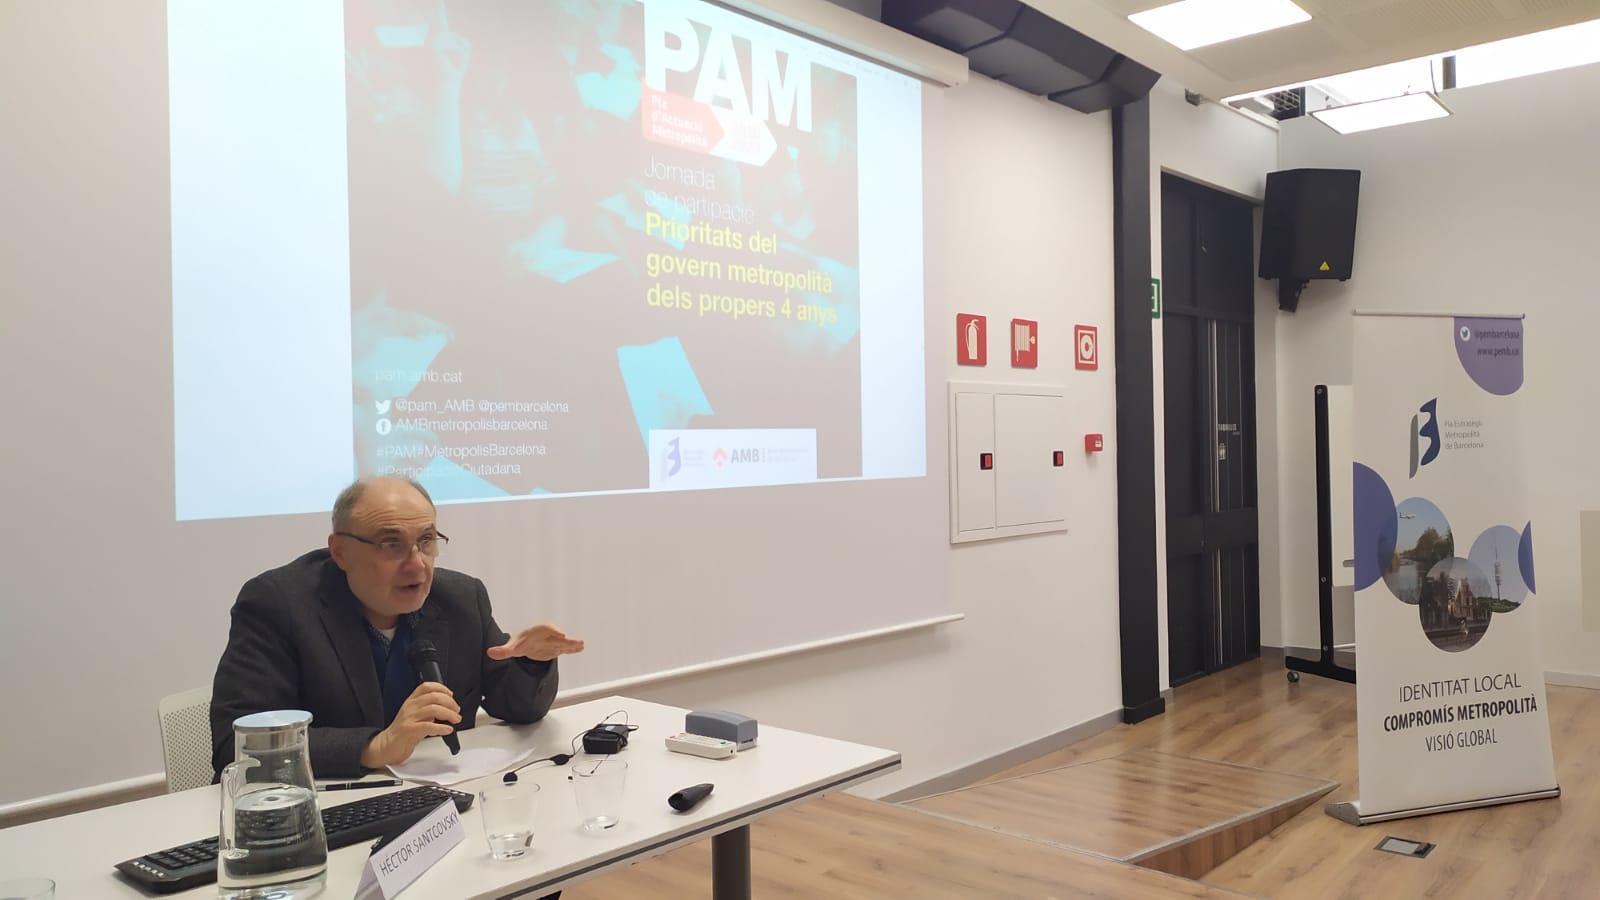 5.El Pla d'Actuació Metropolità (PAM) estableix els programes, eixos, actuacions i accions a escala metropolitana